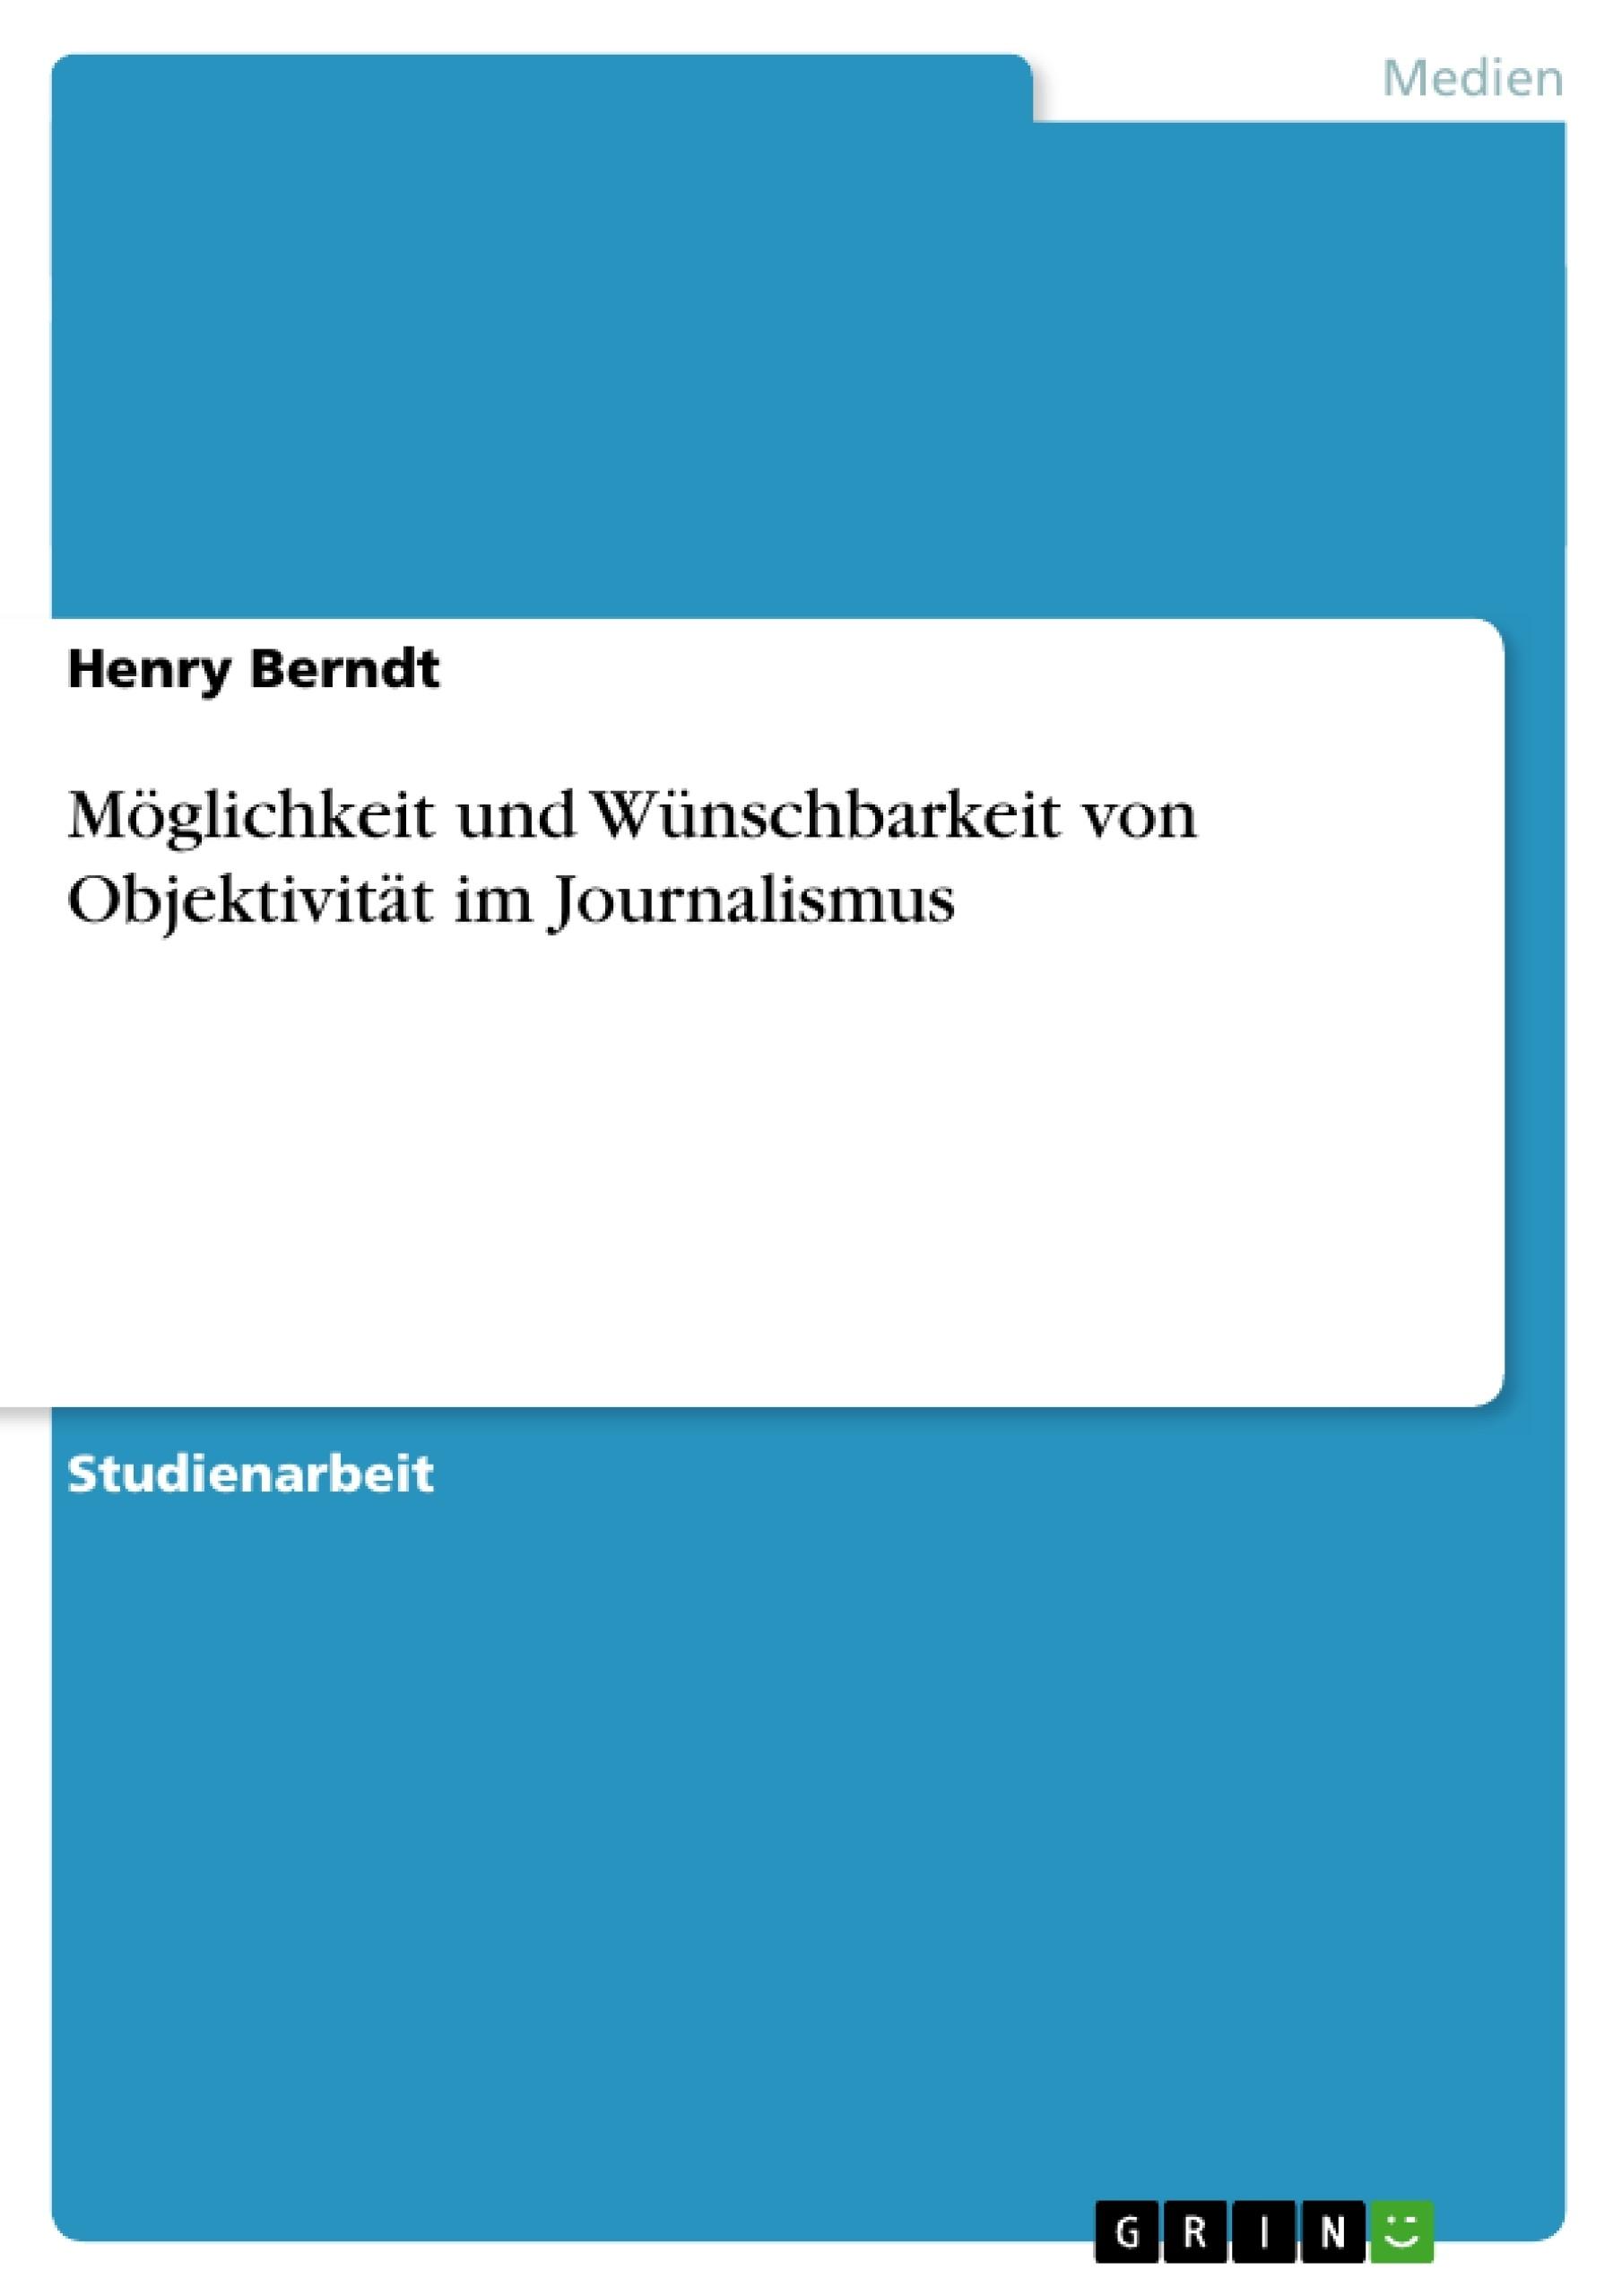 Titel: Möglichkeit und Wünschbarkeit von Objektivität im Journalismus